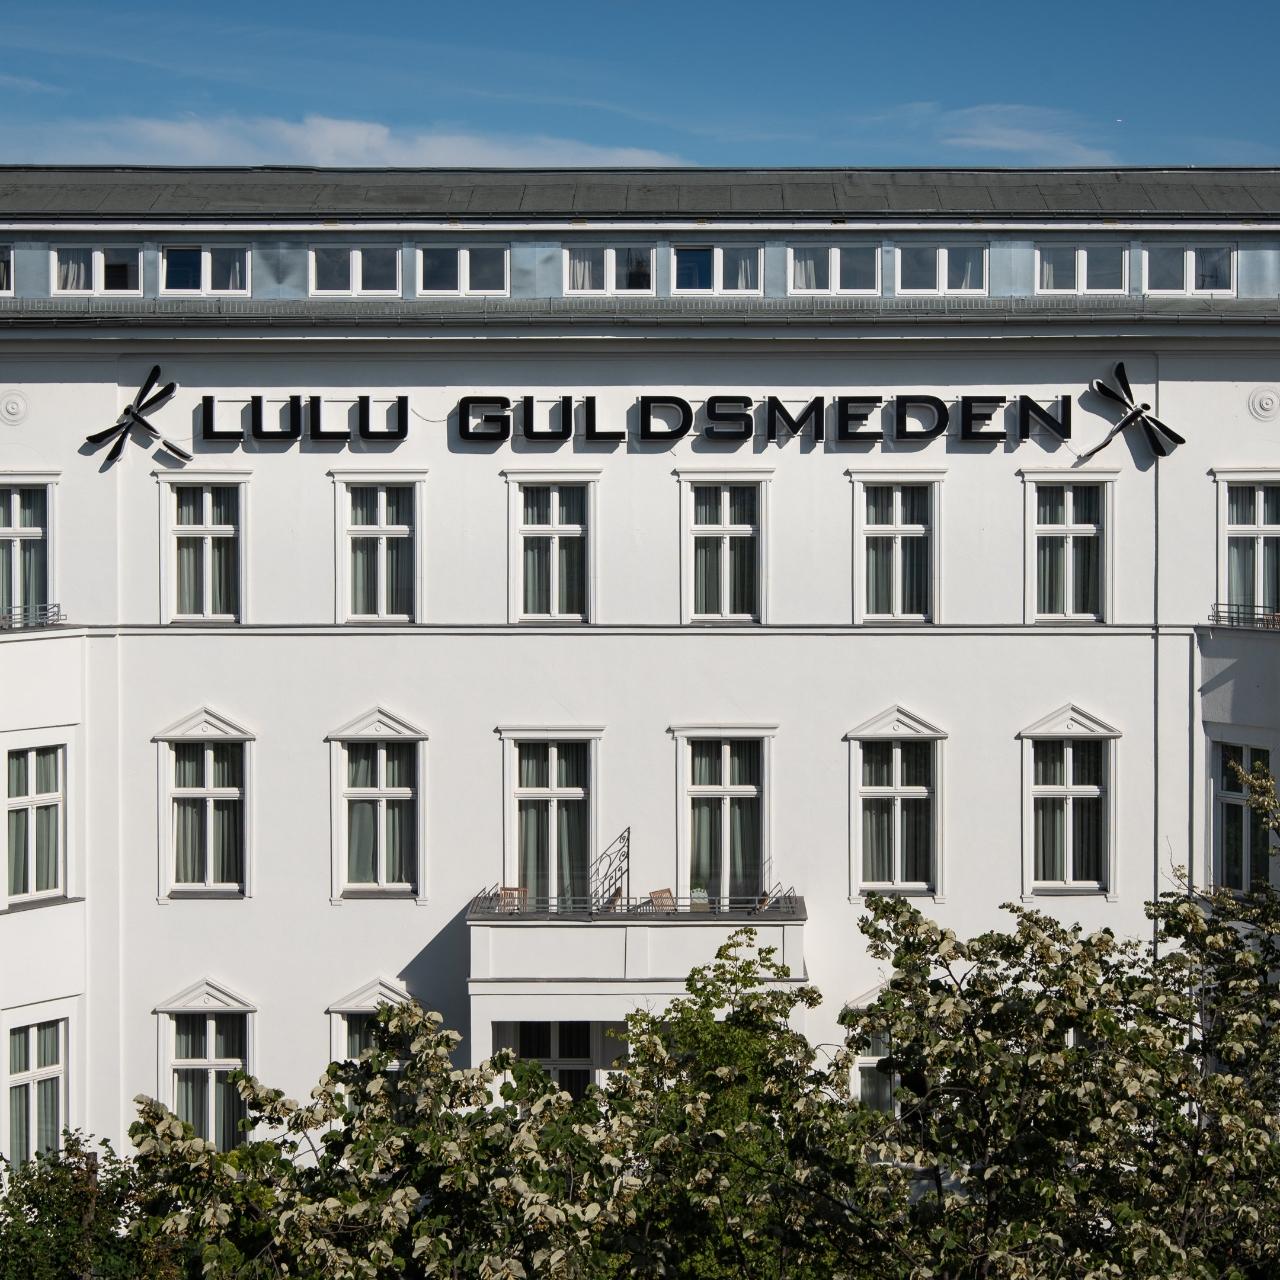 Berlin: neues 4*Lulu Guldsmeden Hotel - Superior-Doppelzimmer inkl. Frühstück, Parkplatz / gratis Storno / bis März 2022